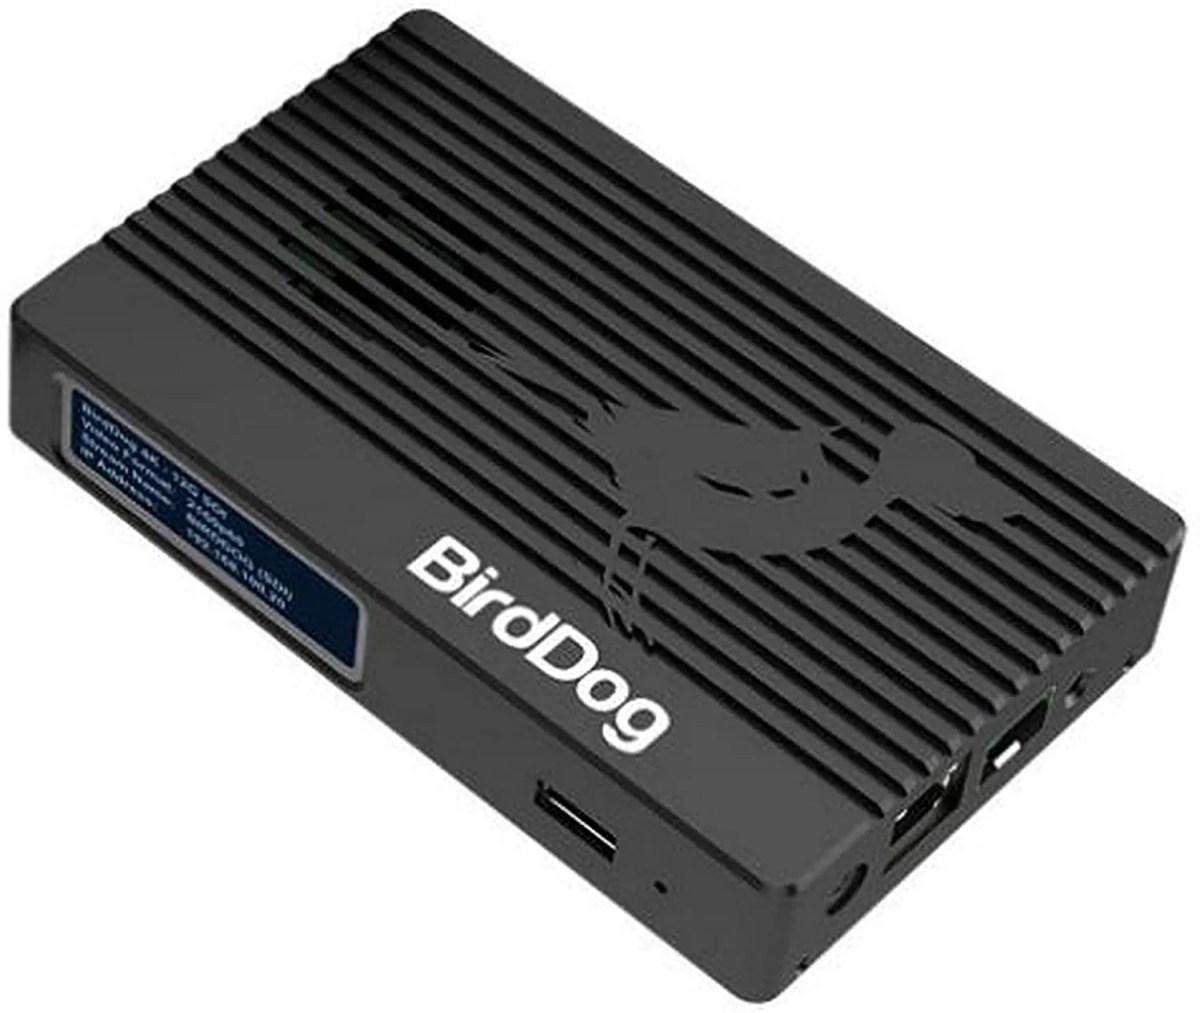 BirdDog 4K SDI 12G-SDI NDI Encoder